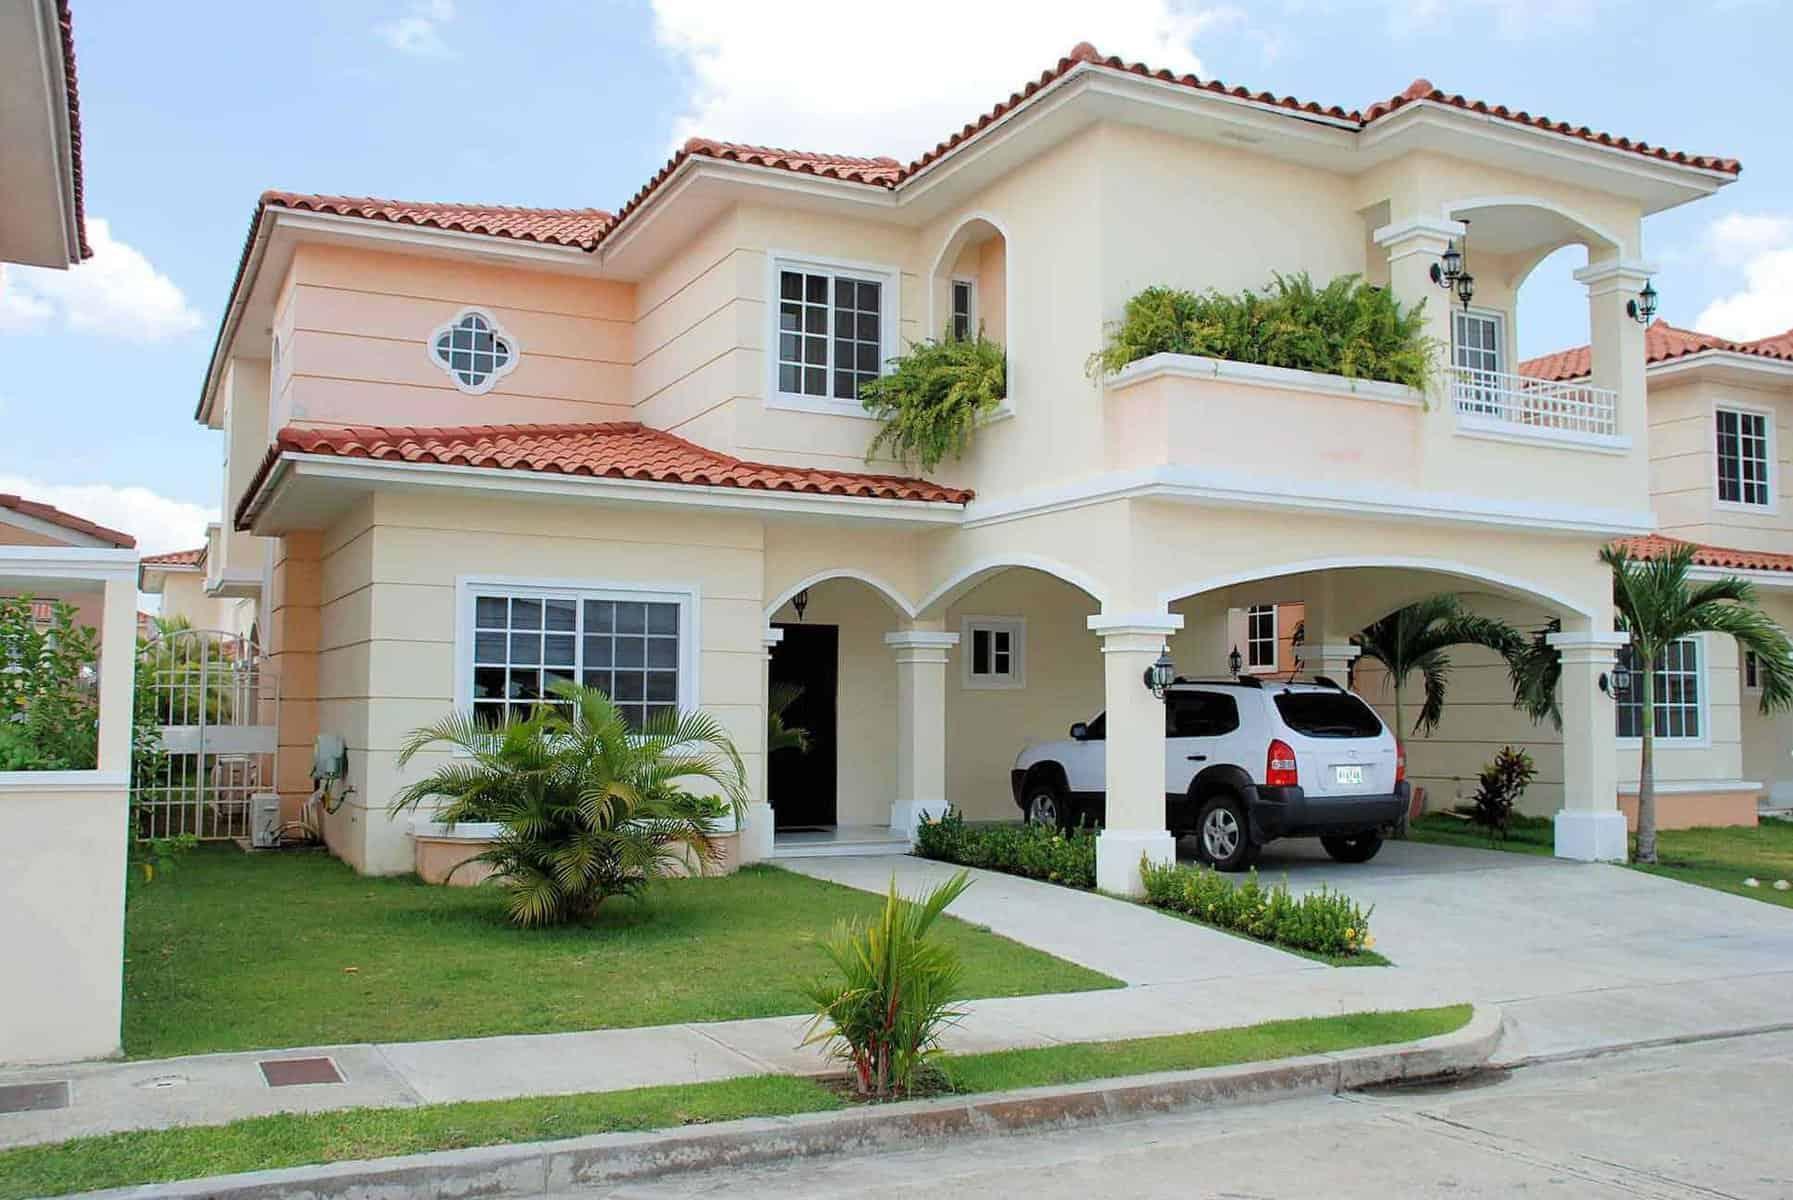 Casas panam venta de casas en panam for Busco piso en alquiler